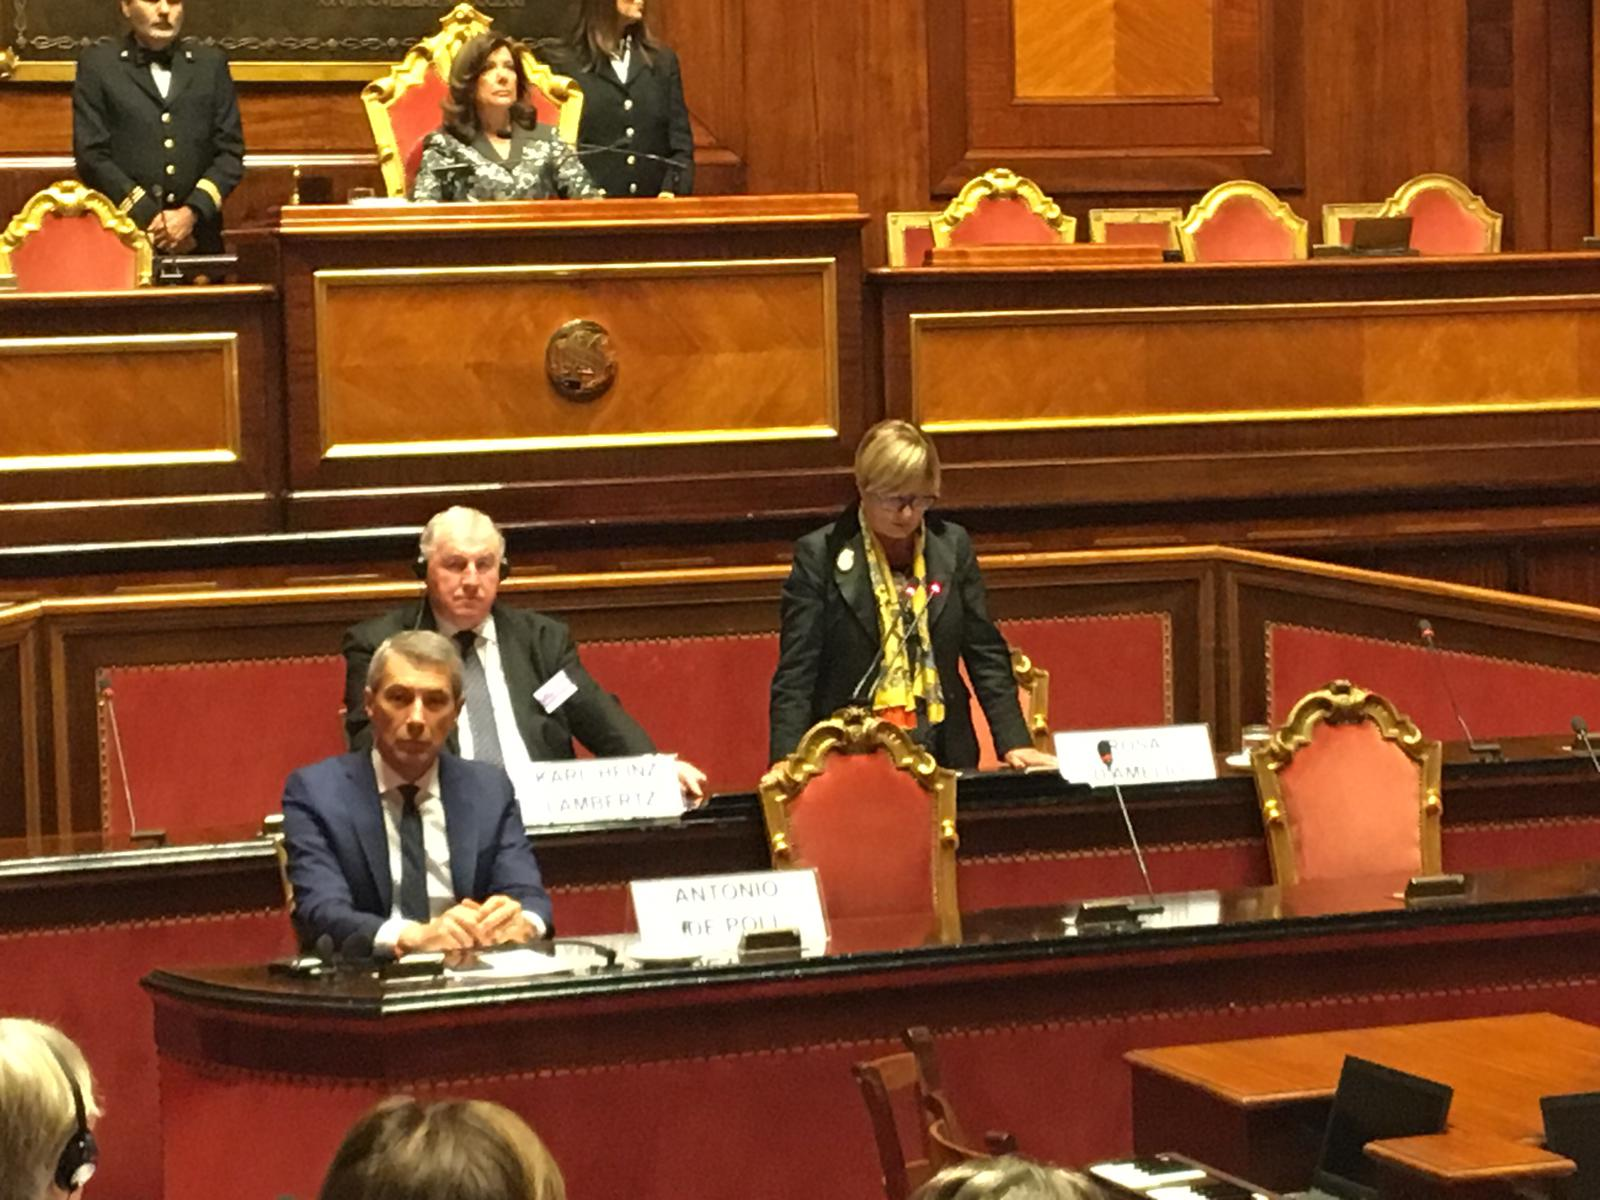 """Sussidiarietà e Regioni nel rilancio della Ue, D'Amelio: """"Necessaria partecipazione effettiva al processo decisionale"""""""